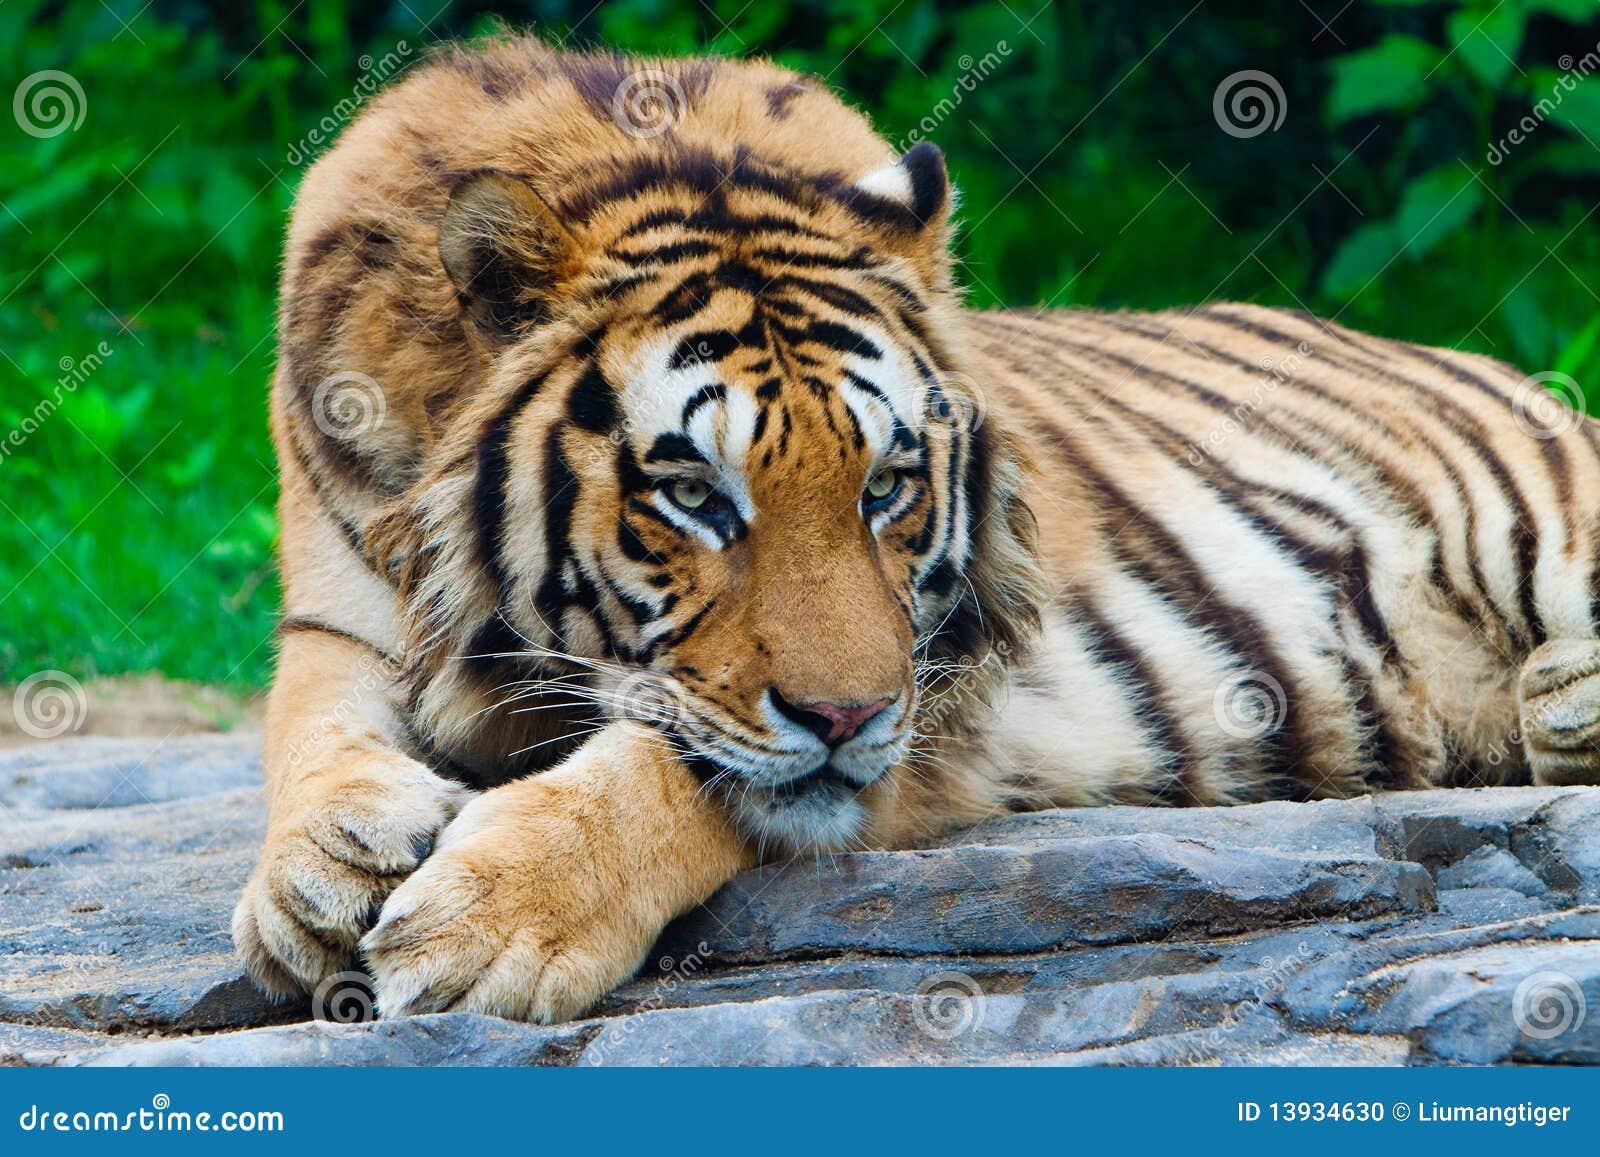 South China Tiger Stock Photo - Image: 13934630